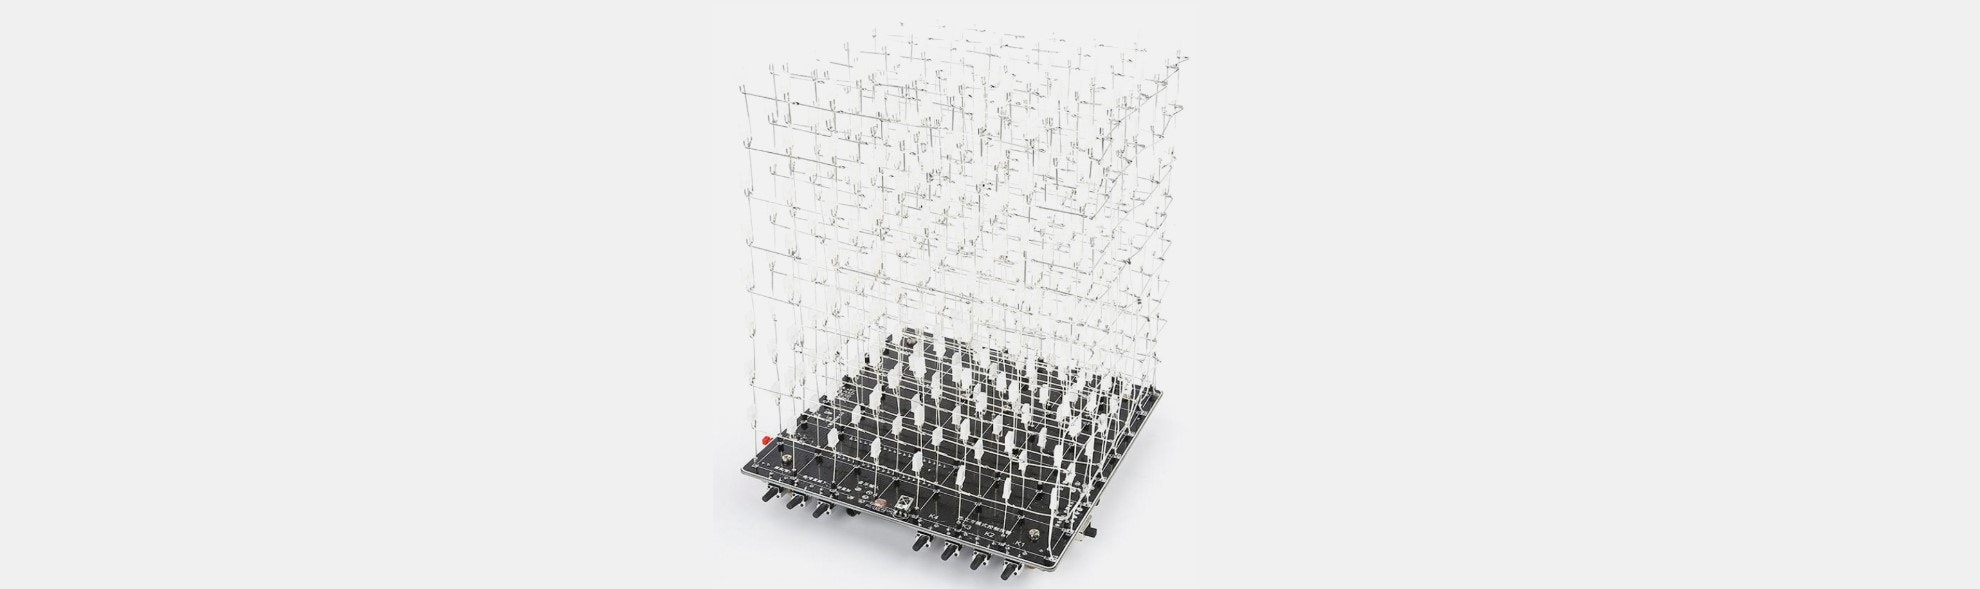 3D LED RGB DIY Light Cube Kit